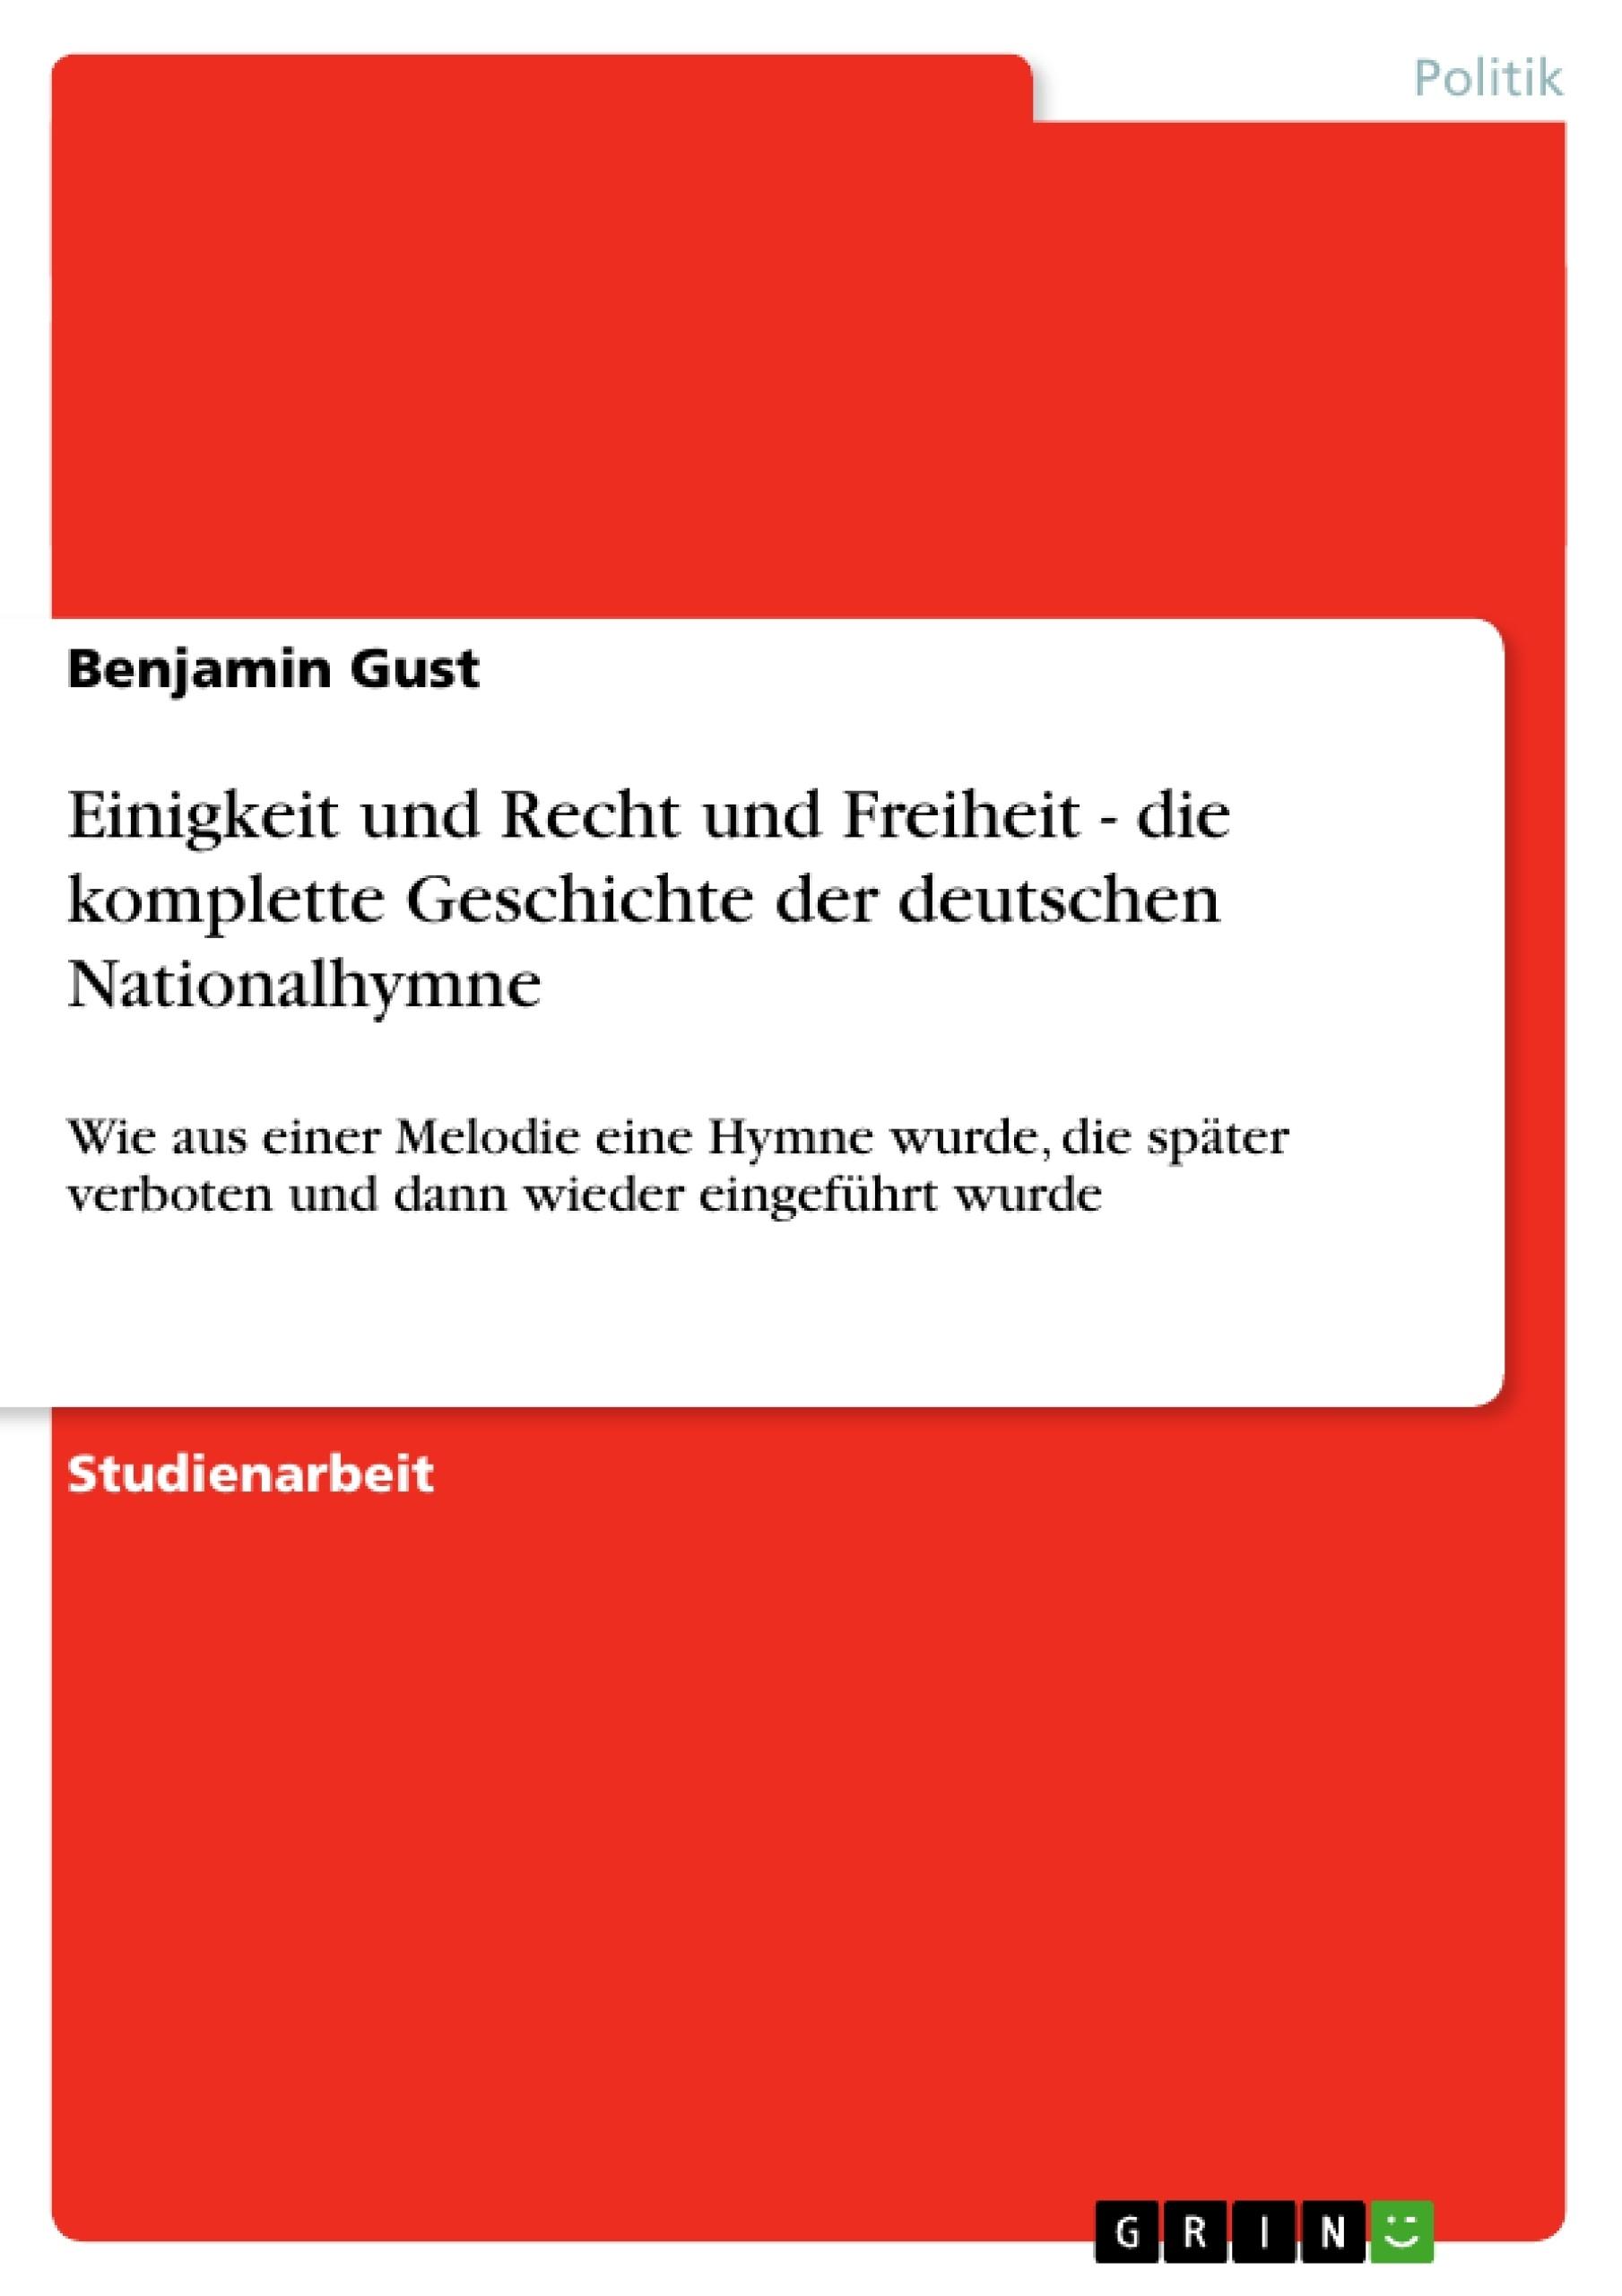 Titel: Einigkeit und Recht und Freiheit - die komplette Geschichte der deutschen Nationalhymne